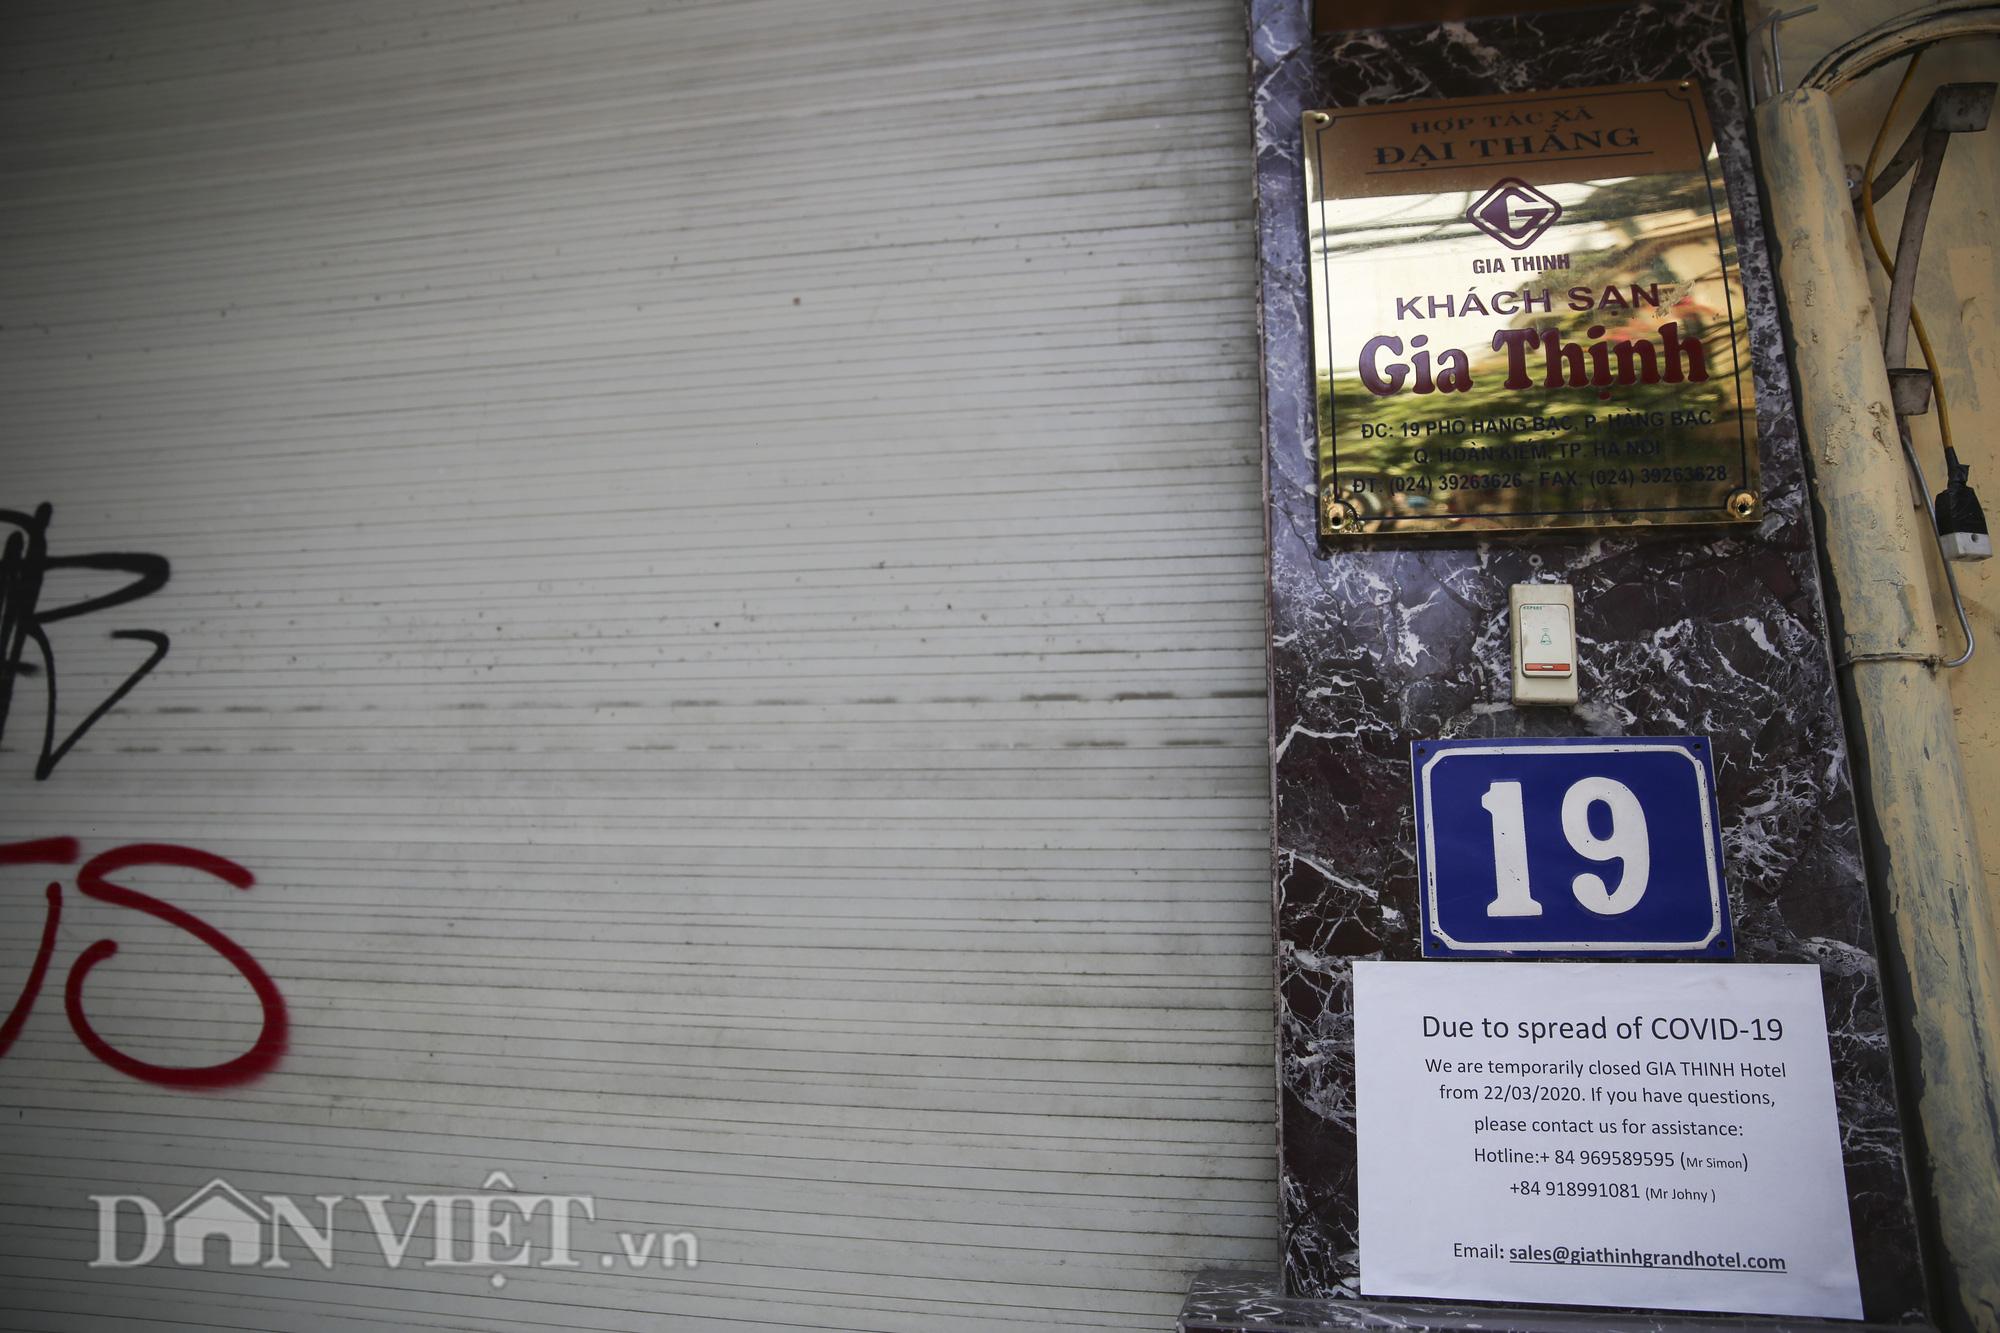 Nhiều khách sạn tại Hà Nội chưa thể mở cửa sau dịch Covid-19 - Ảnh 6.